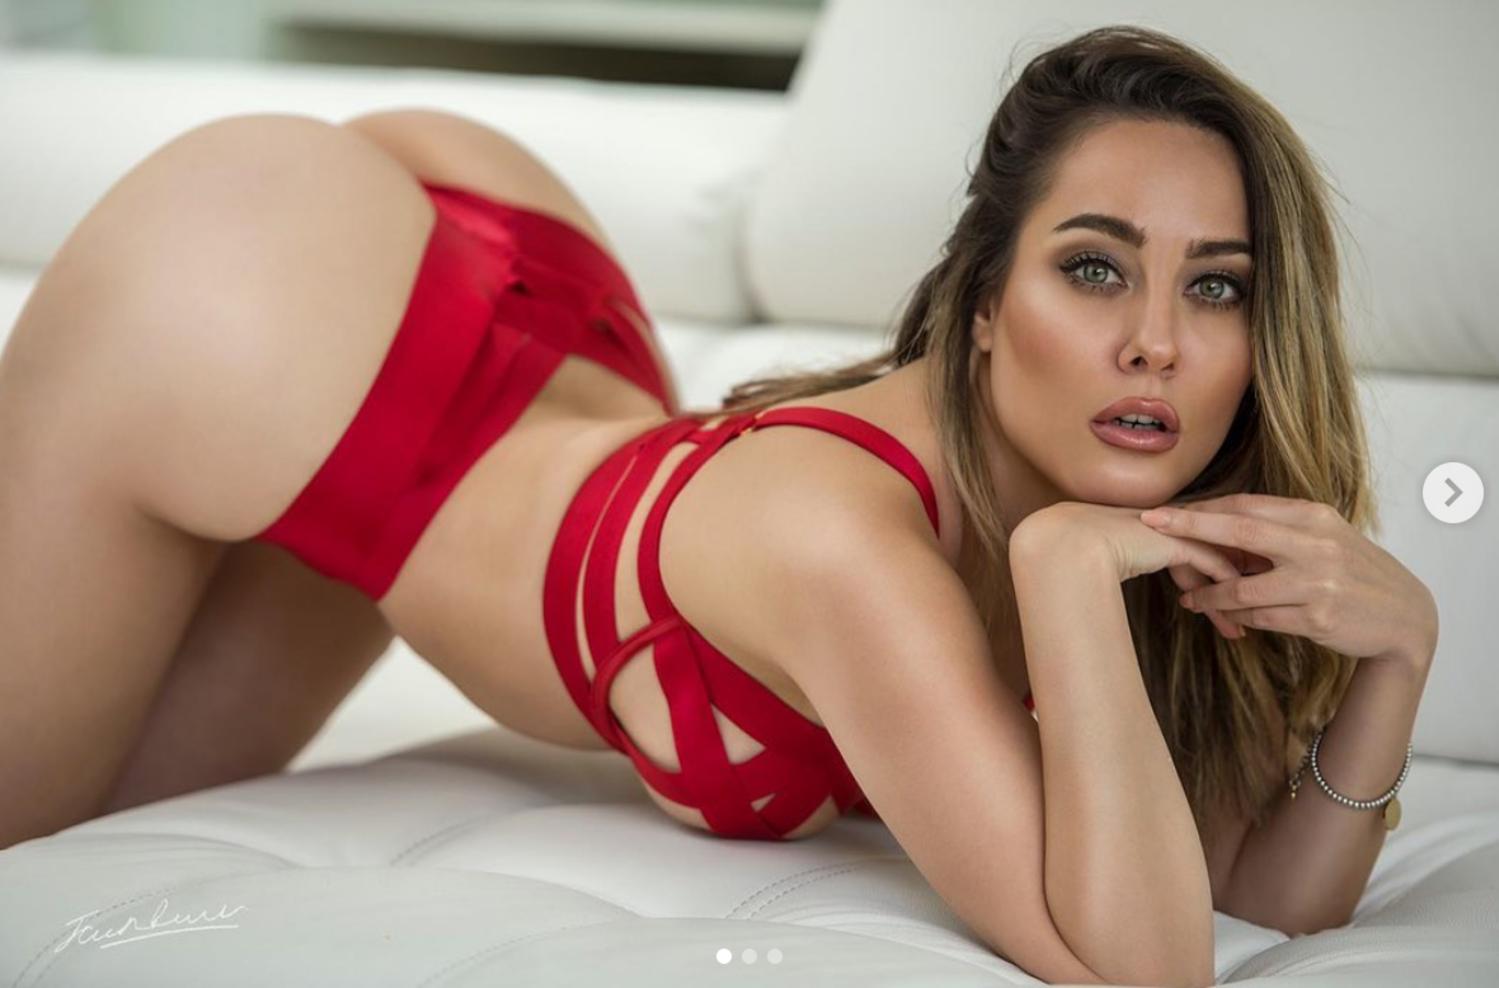 sexy-instagram, Paola Saulino bomba erotica: nulla di male nel fare sesso per soldi